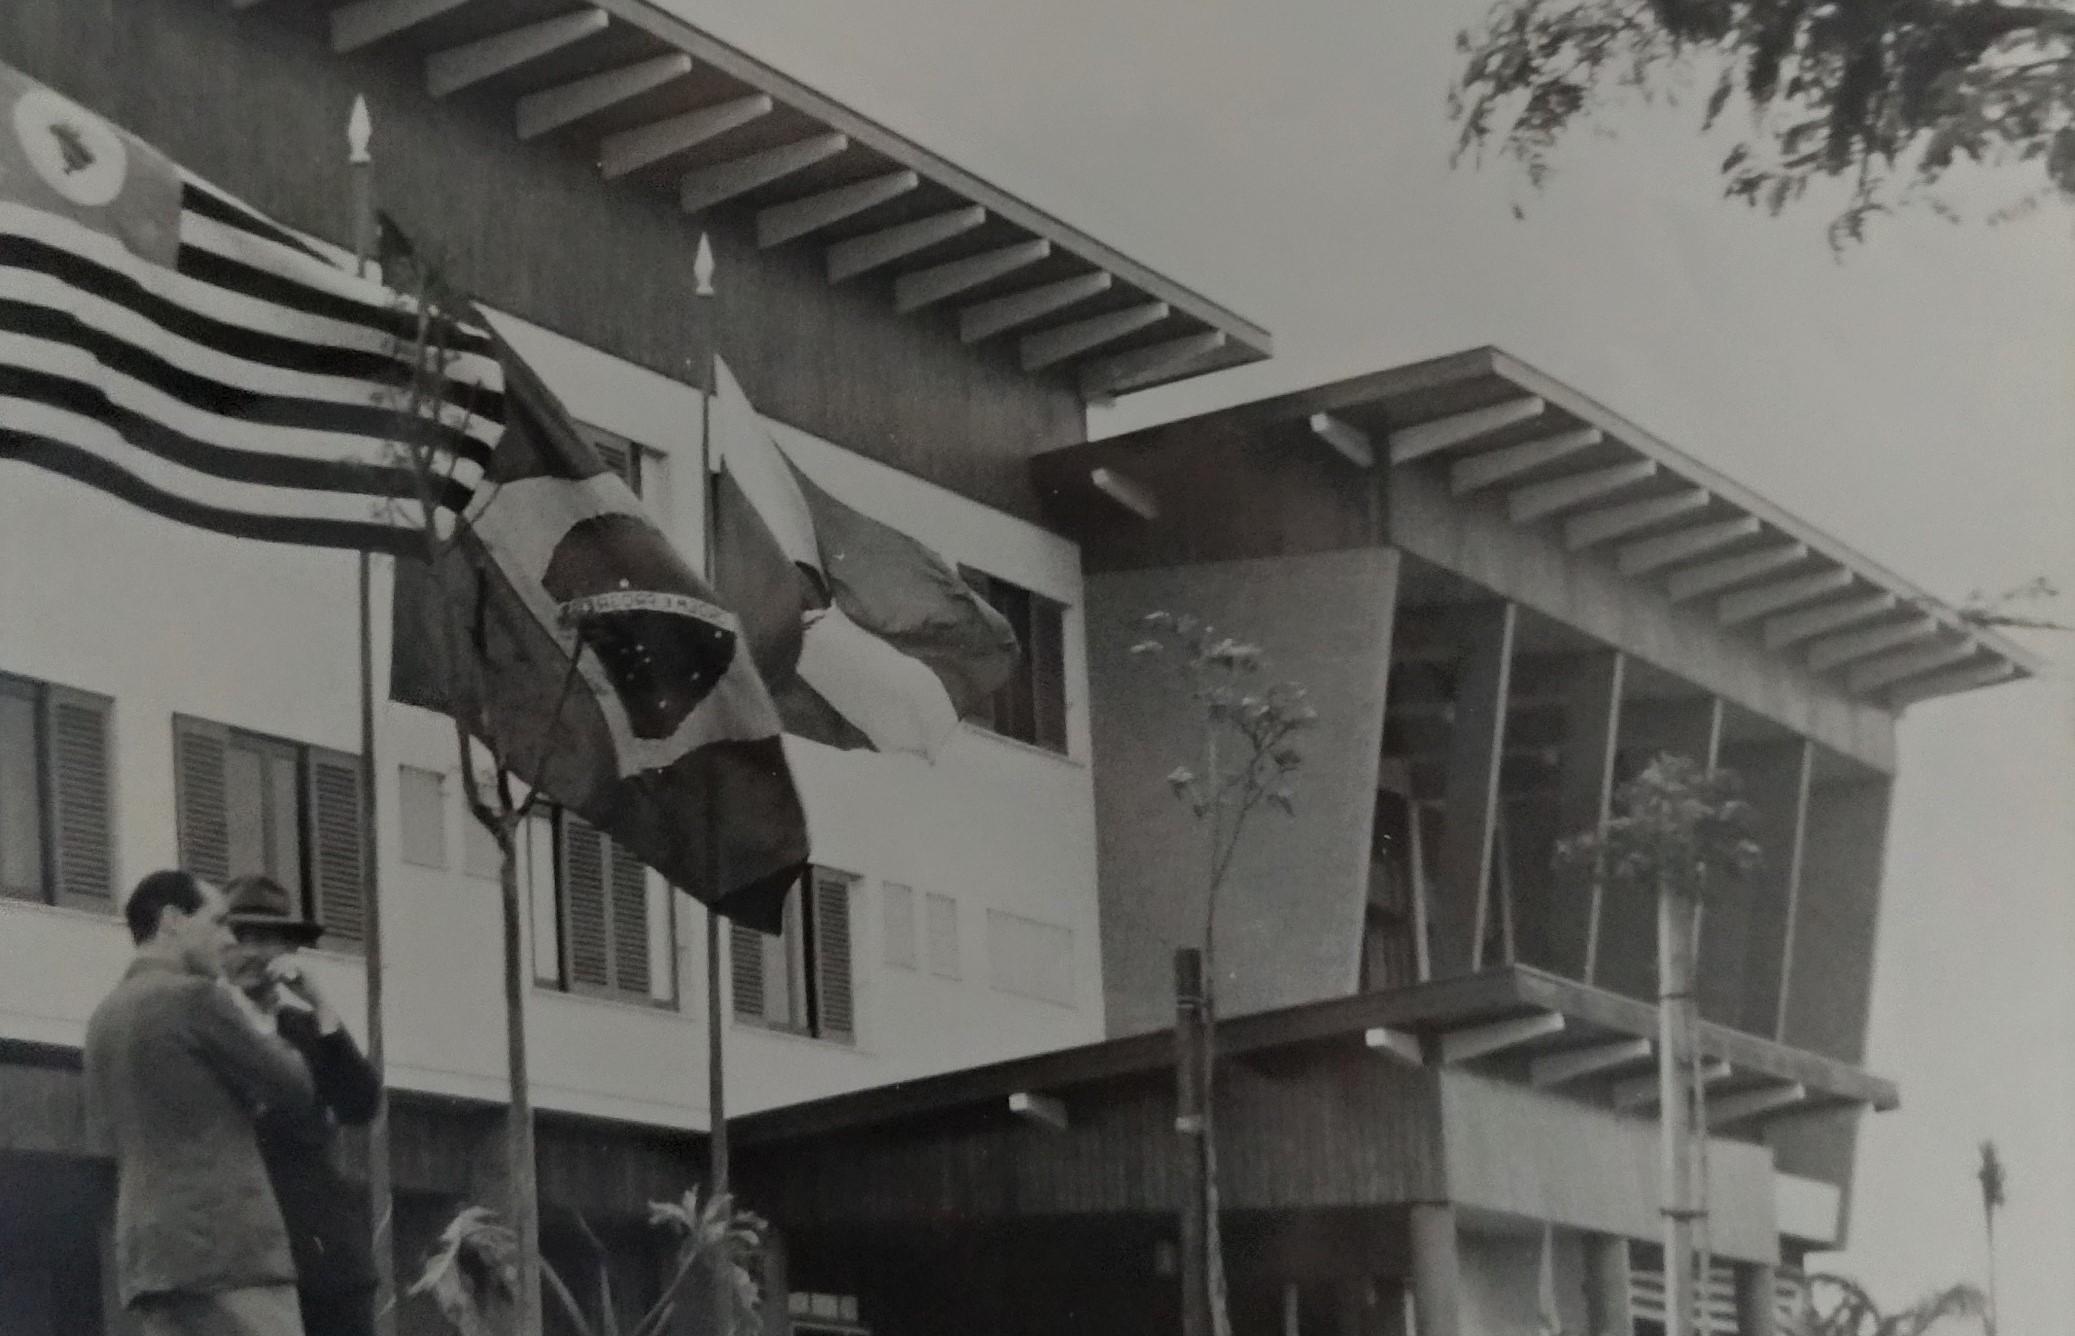 Tiros nas bandeiras do Grande Hotel Maringá - 1956